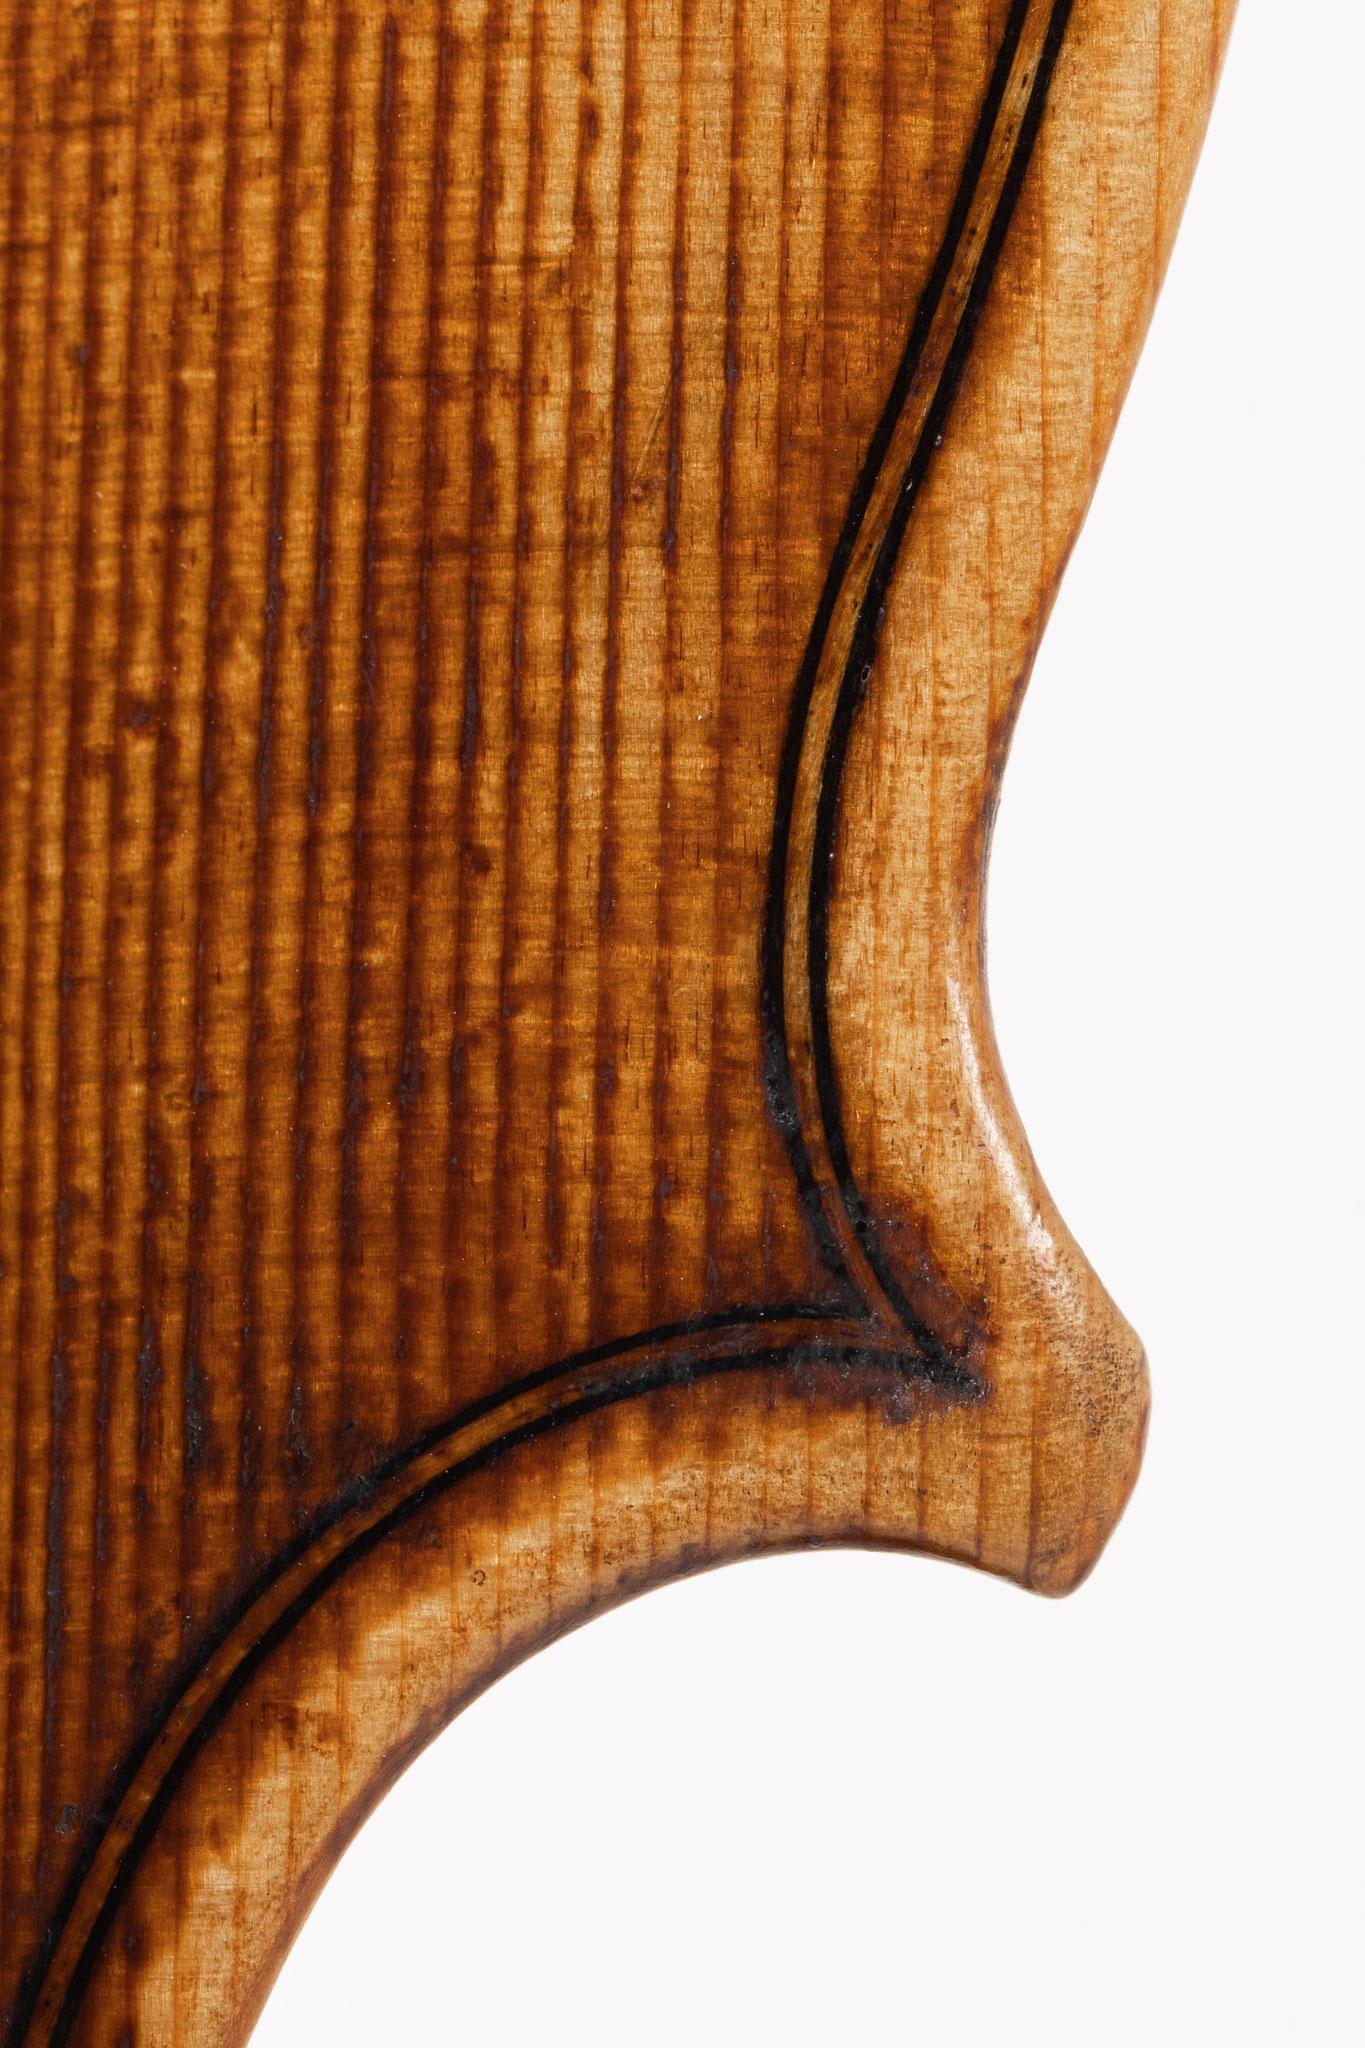 Geige nach Guarneri del Gesù (2020/CH), Photo: VDB Photography